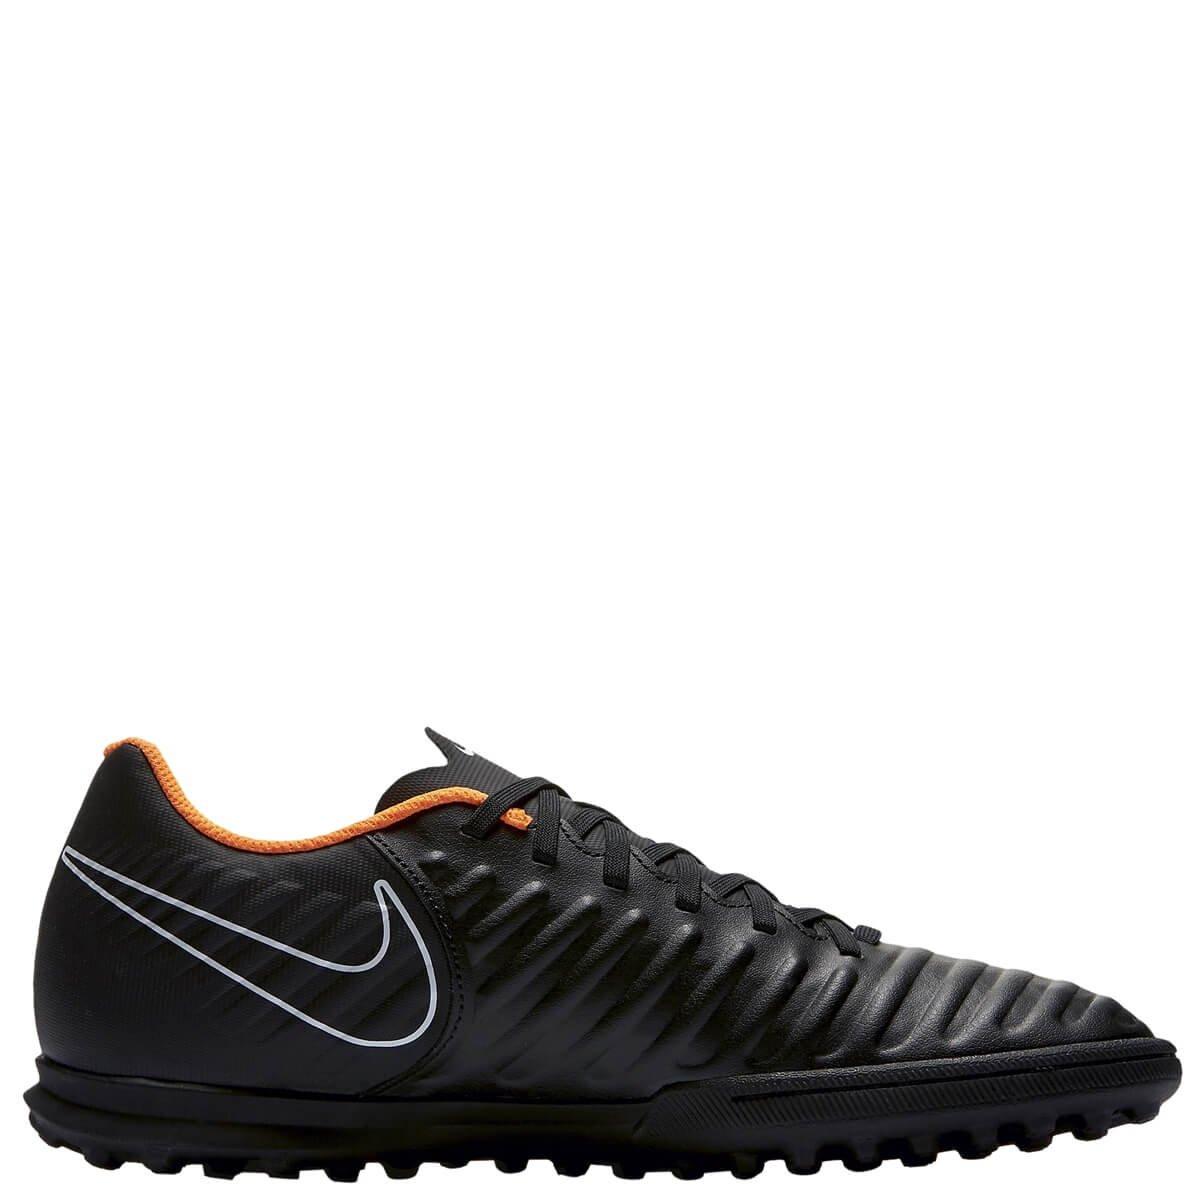 453400c459a27 Bizz Store - Chuteira Masculina Society Nike LegendX 7 Club TF